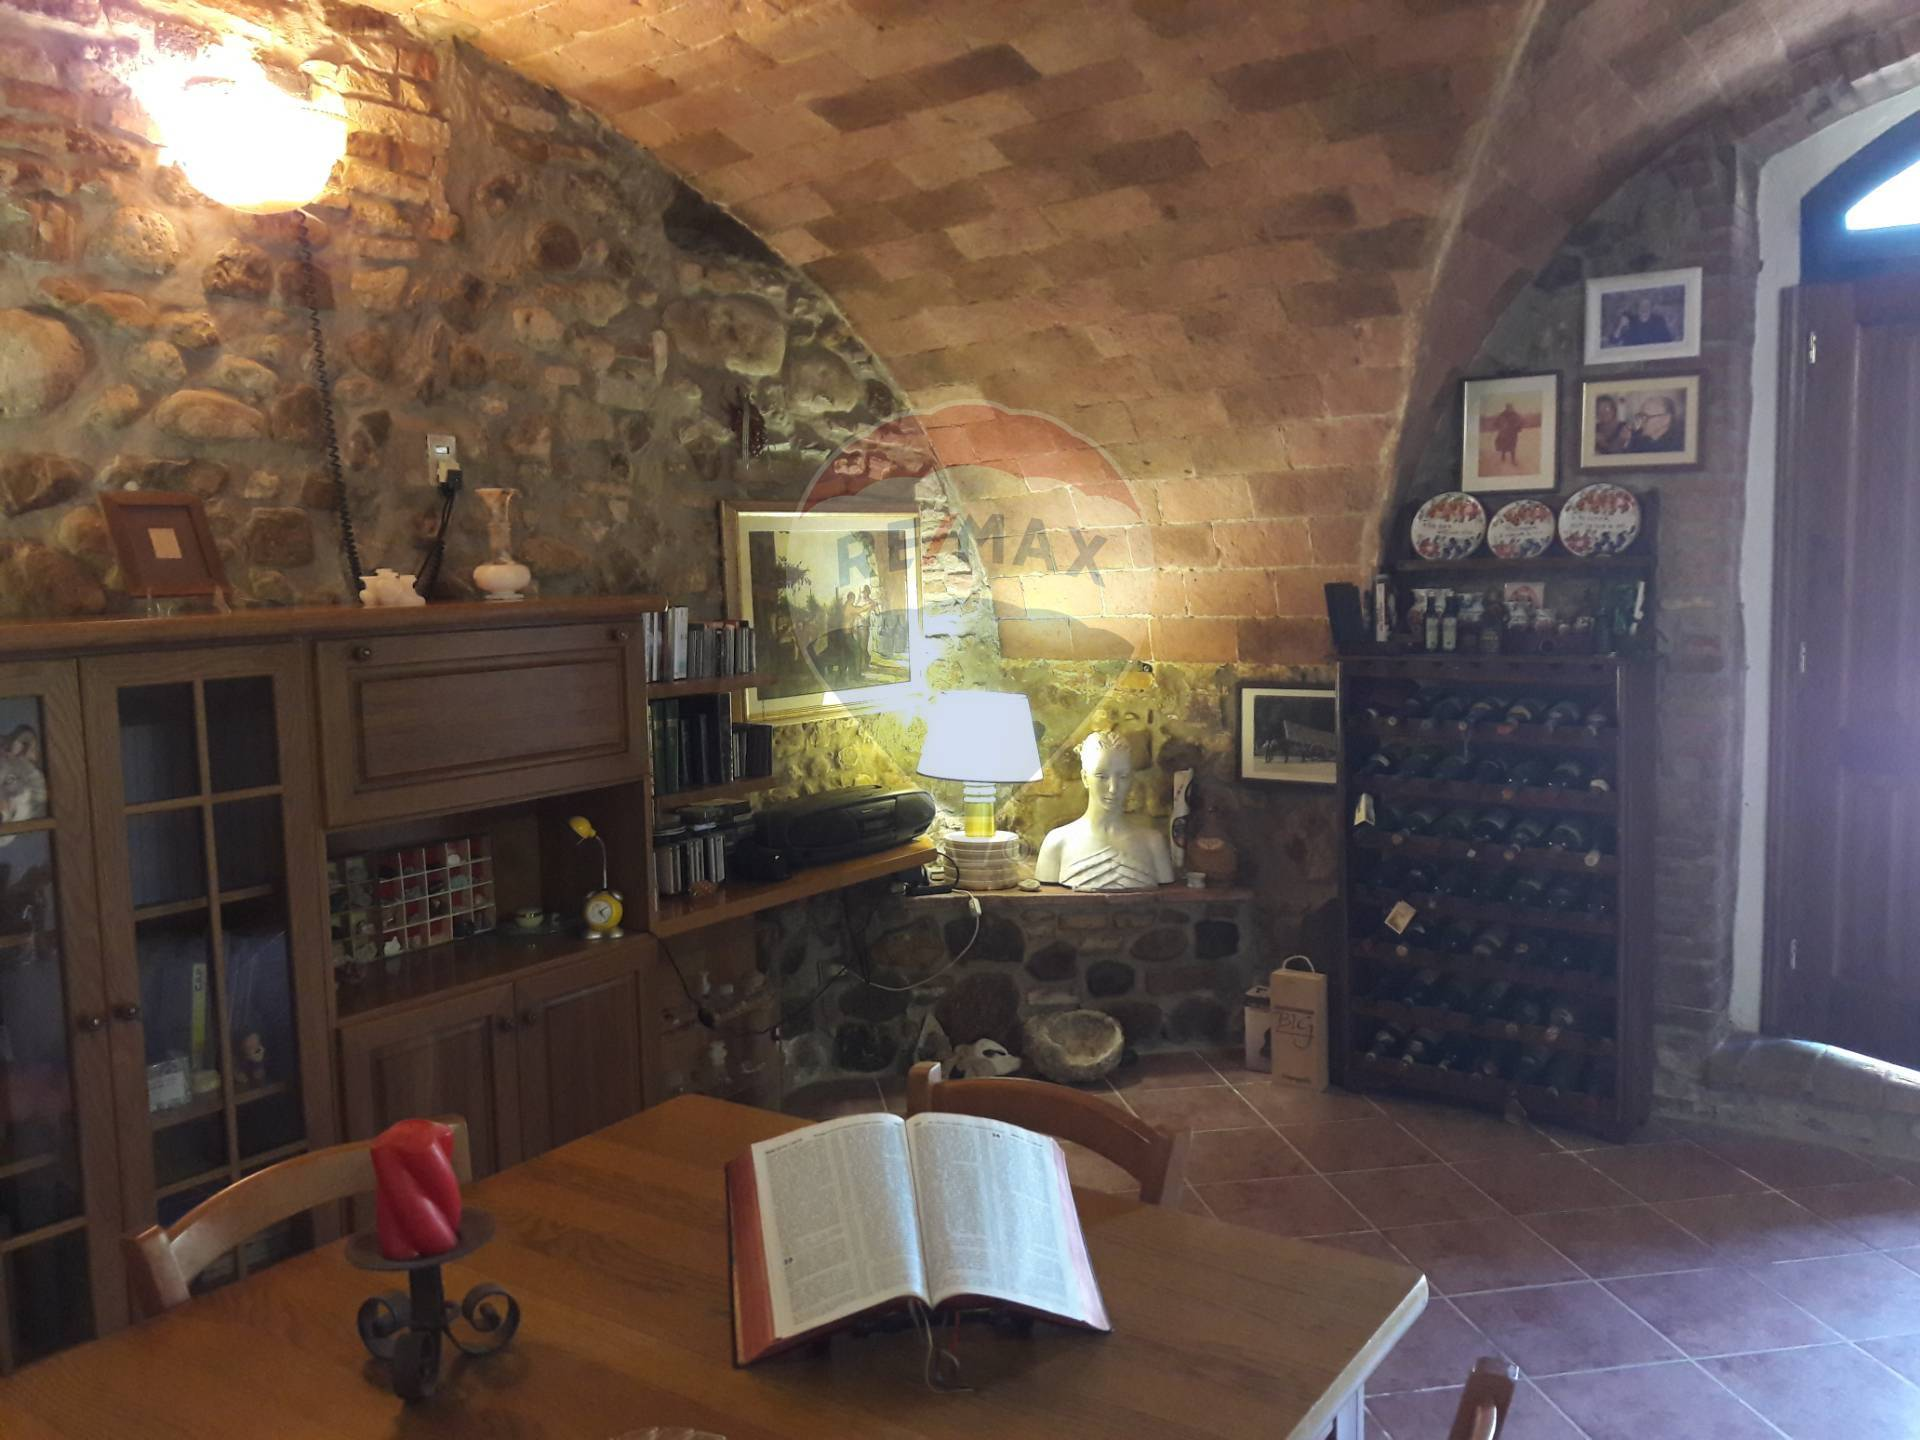 Appartamento in vendita a Volterra, 3 locali, zona Località: PratodEra, prezzo € 150.000 | CambioCasa.it